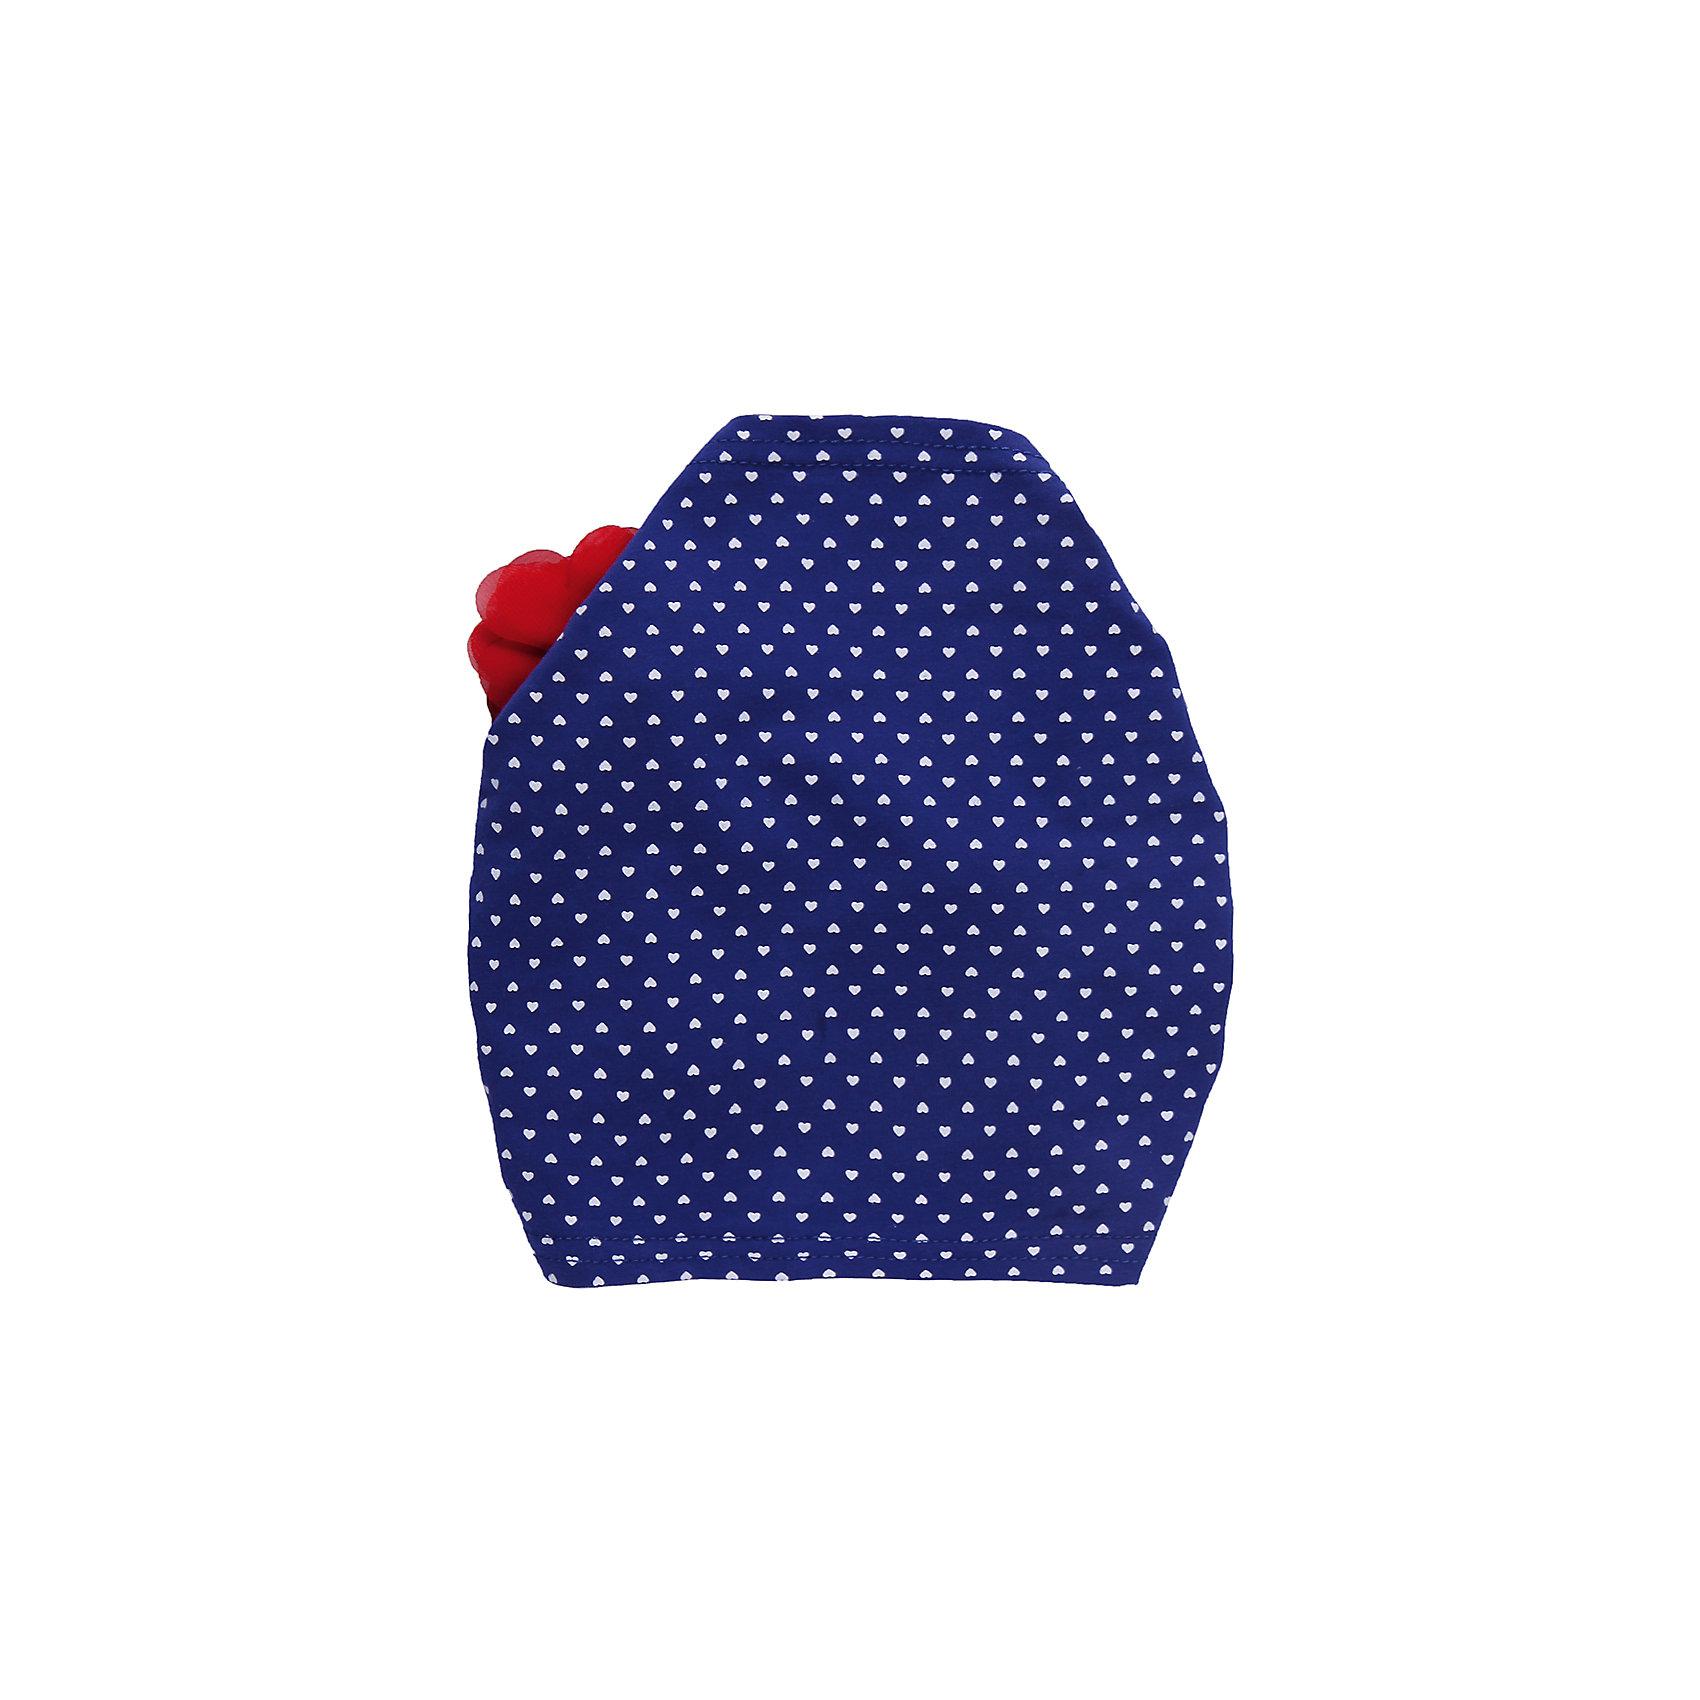 Повязка на голову для девочки Sweet BerryТрикотажная повязка на голову. Регулируется резинкой. Декорирована цветком.<br>Состав:<br>95% хлопок, 5% эластан<br><br>Ширина мм: 89<br>Глубина мм: 117<br>Высота мм: 44<br>Вес г: 155<br>Цвет: синий/красный<br>Возраст от месяцев: 12<br>Возраст до месяцев: 18<br>Пол: Женский<br>Возраст: Детский<br>Размер: 48,50,52<br>SKU: 4520402